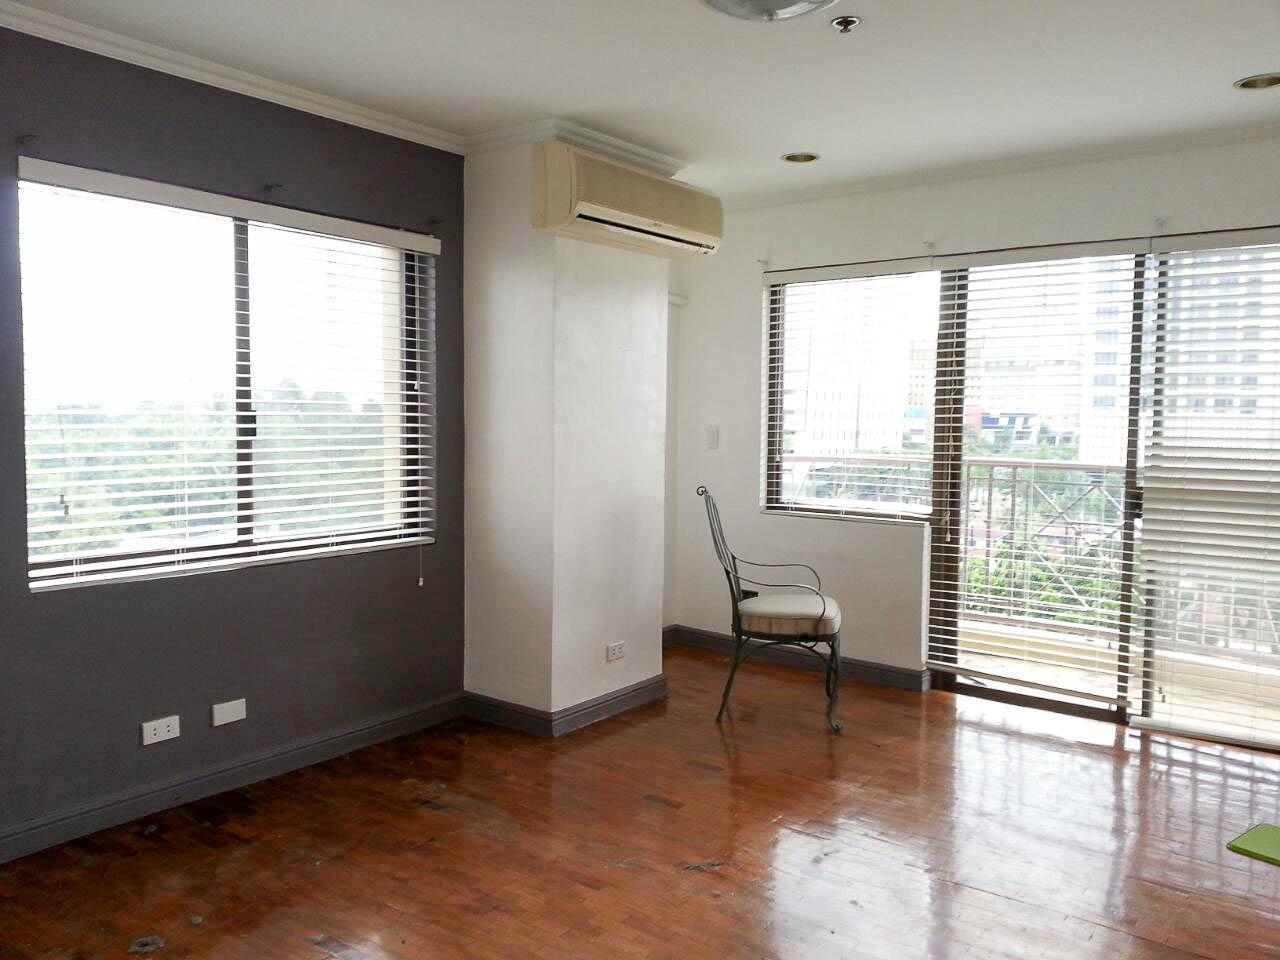 rc220 2 bedroom condo for rent in cebu city banilad cebu grand r